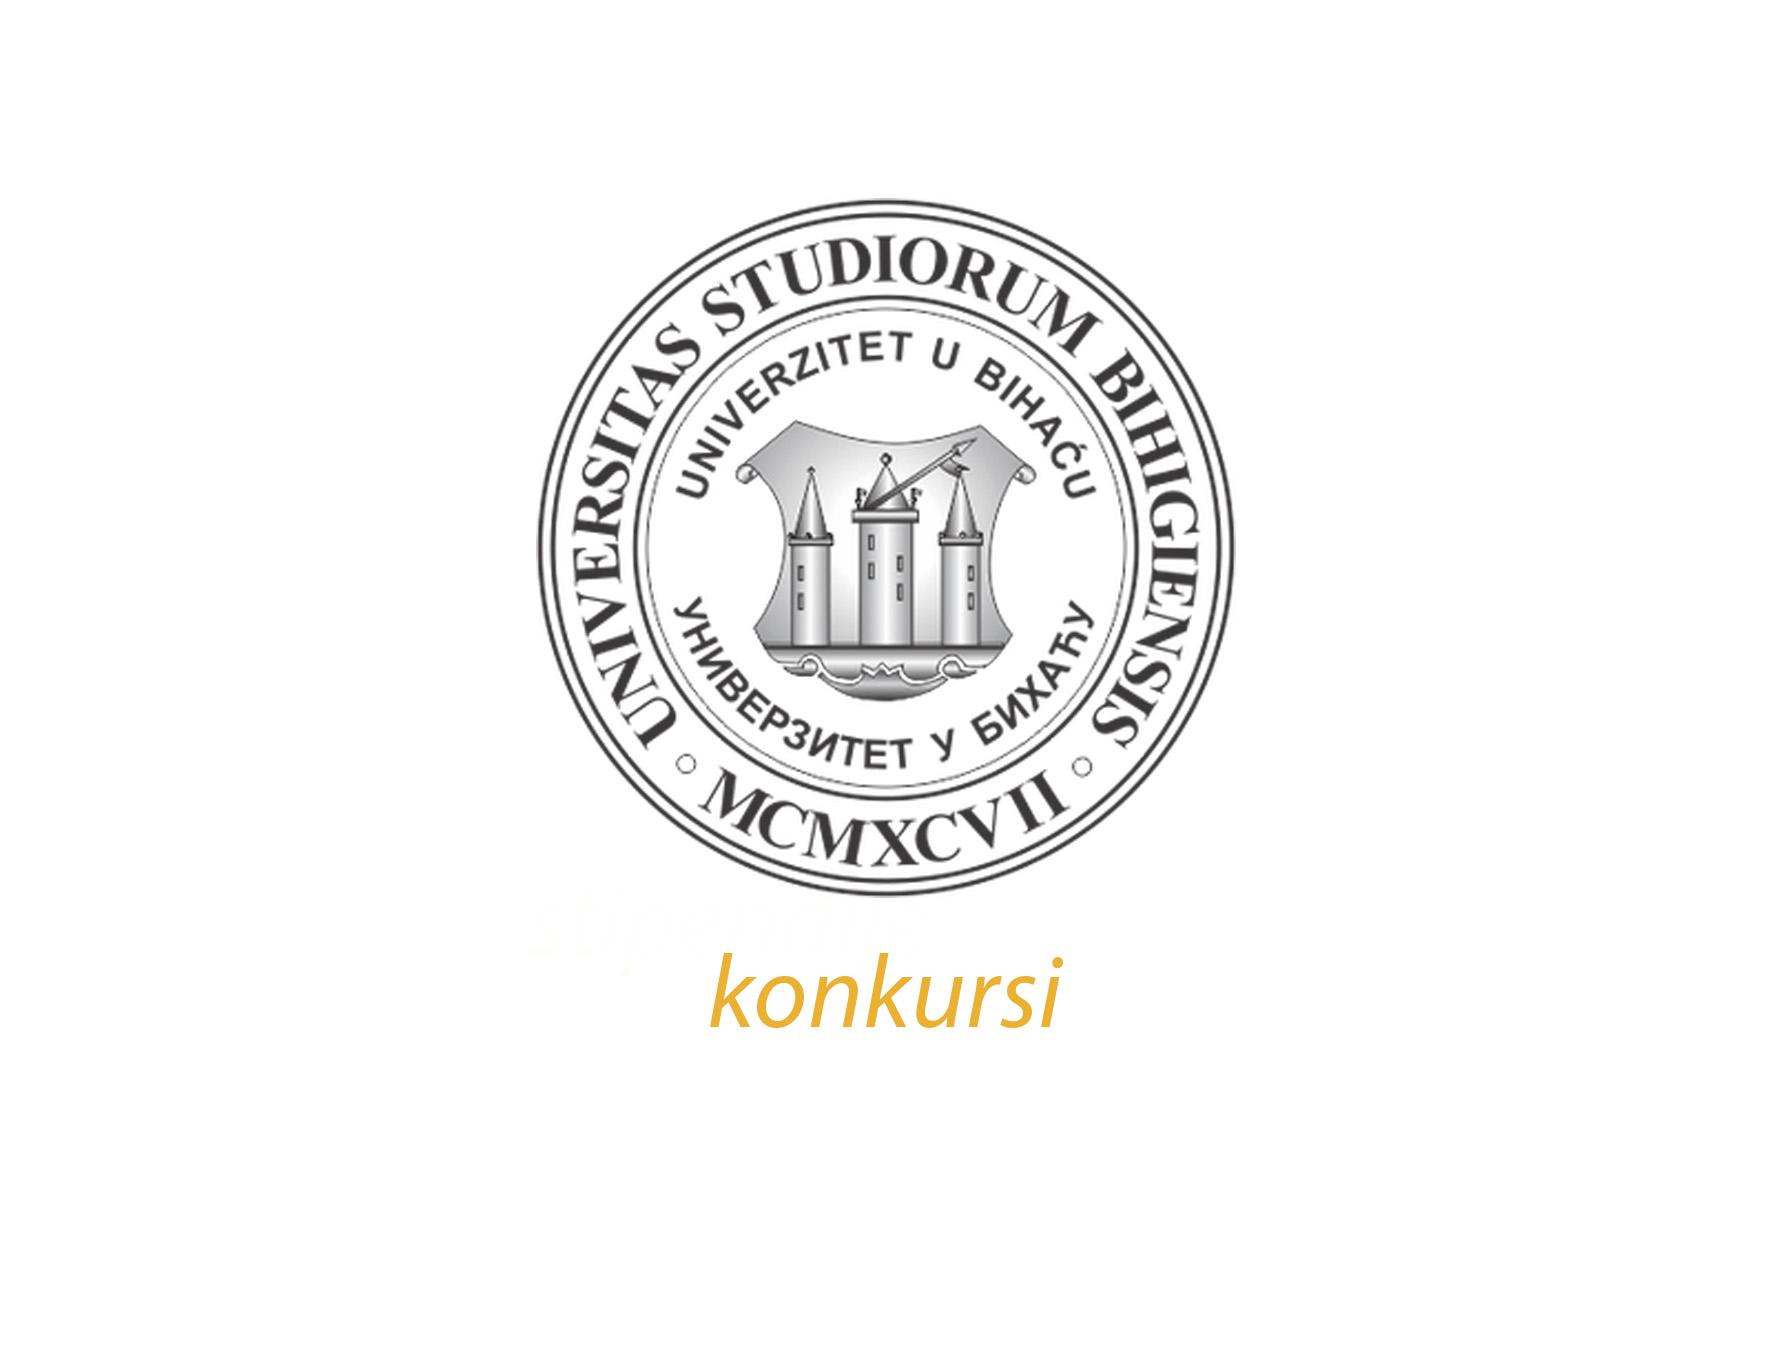 Konkurs na Univerzitetu u Bihaću